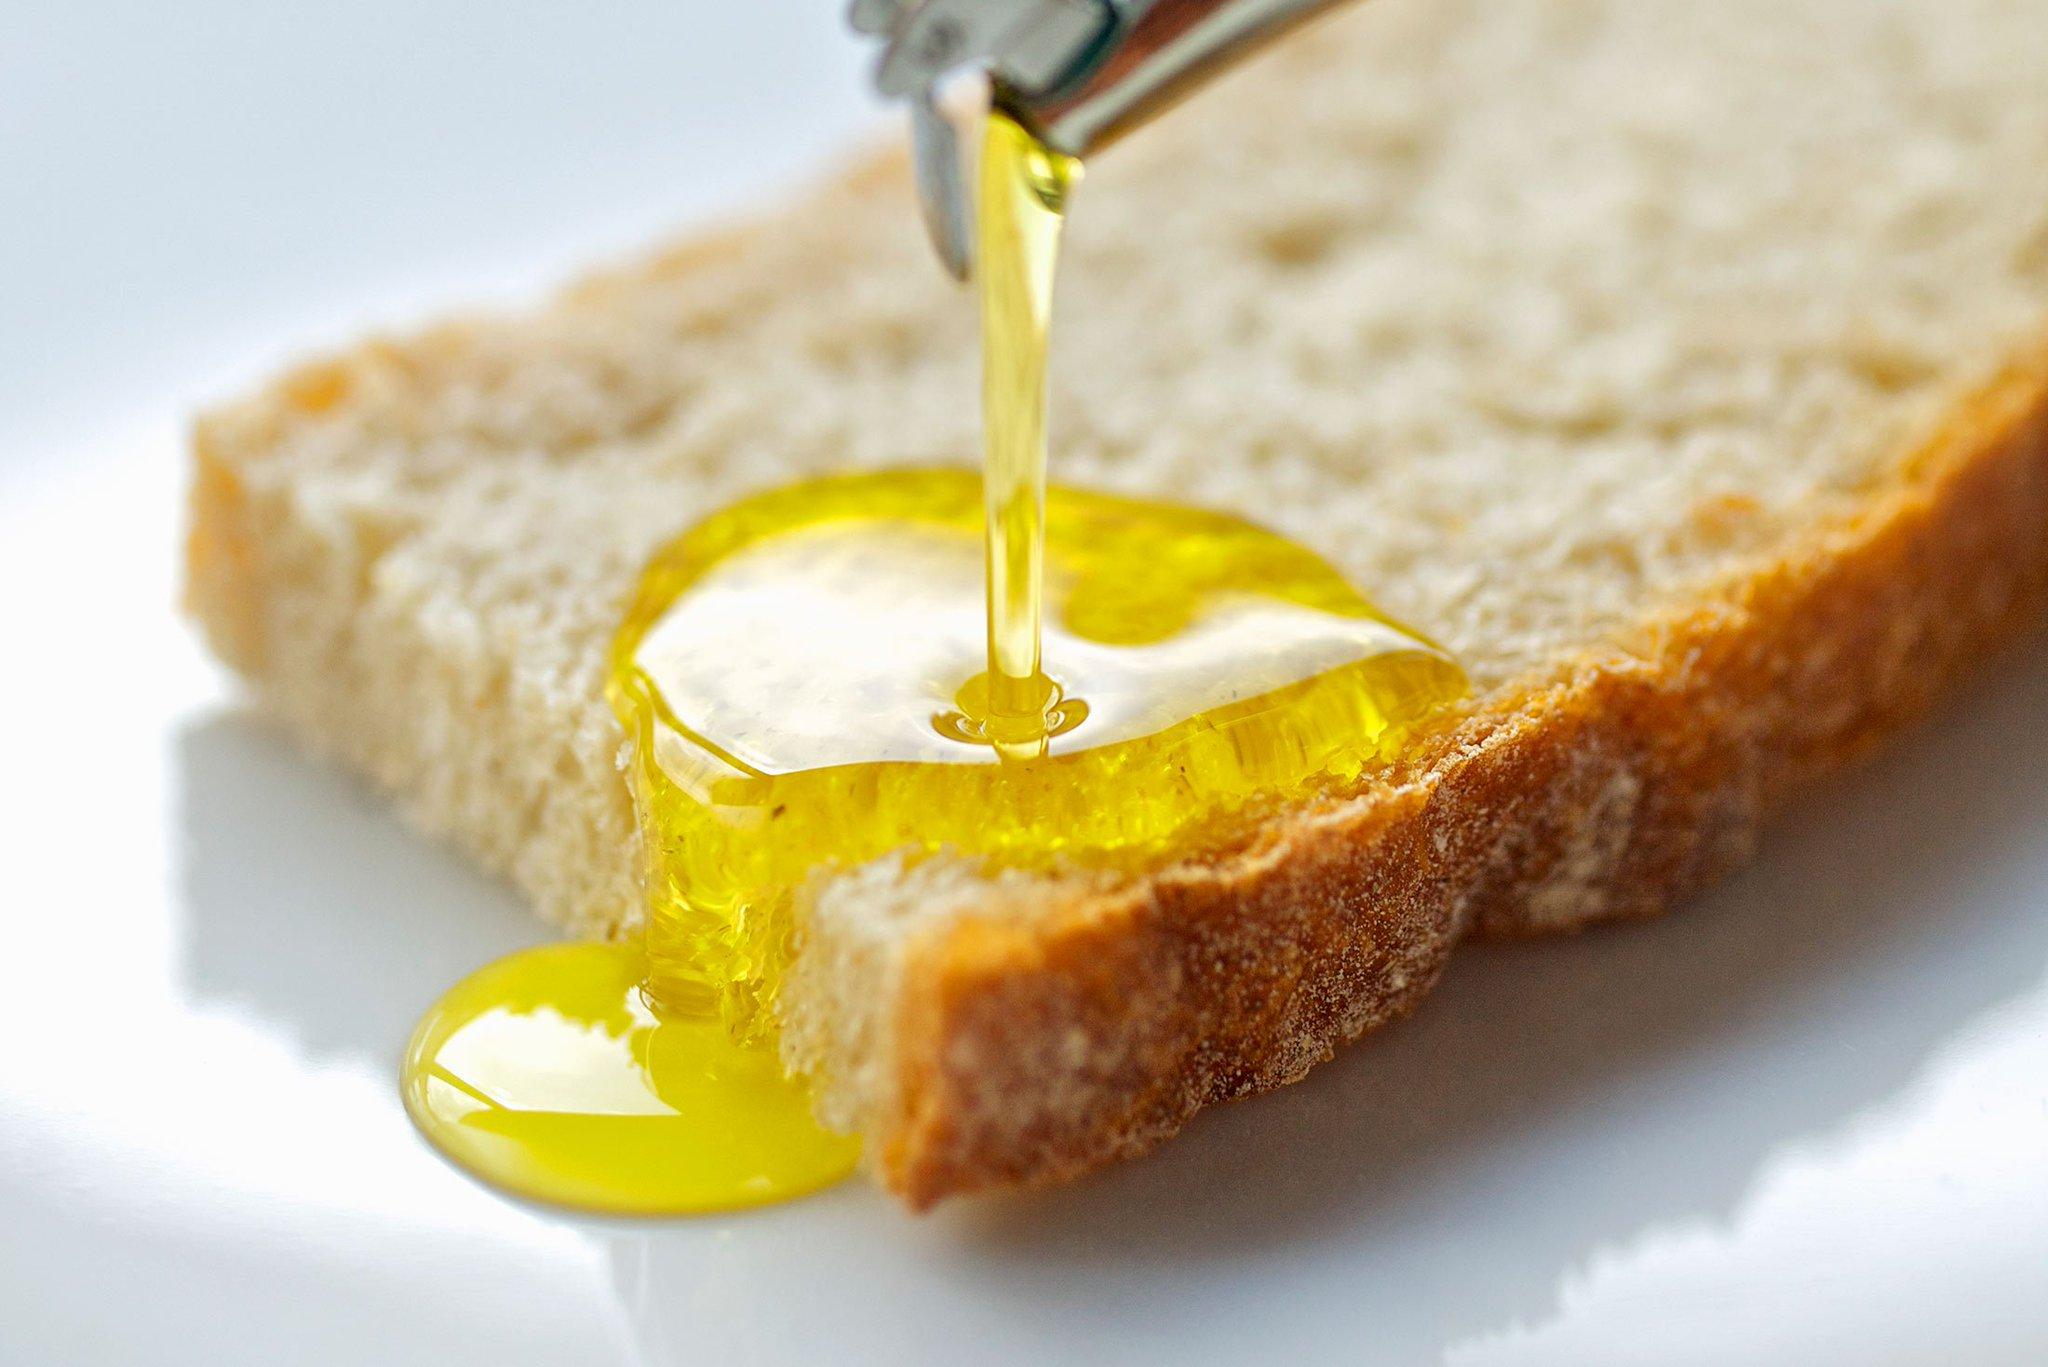 открытка хлеб с маслом ограждения служат только